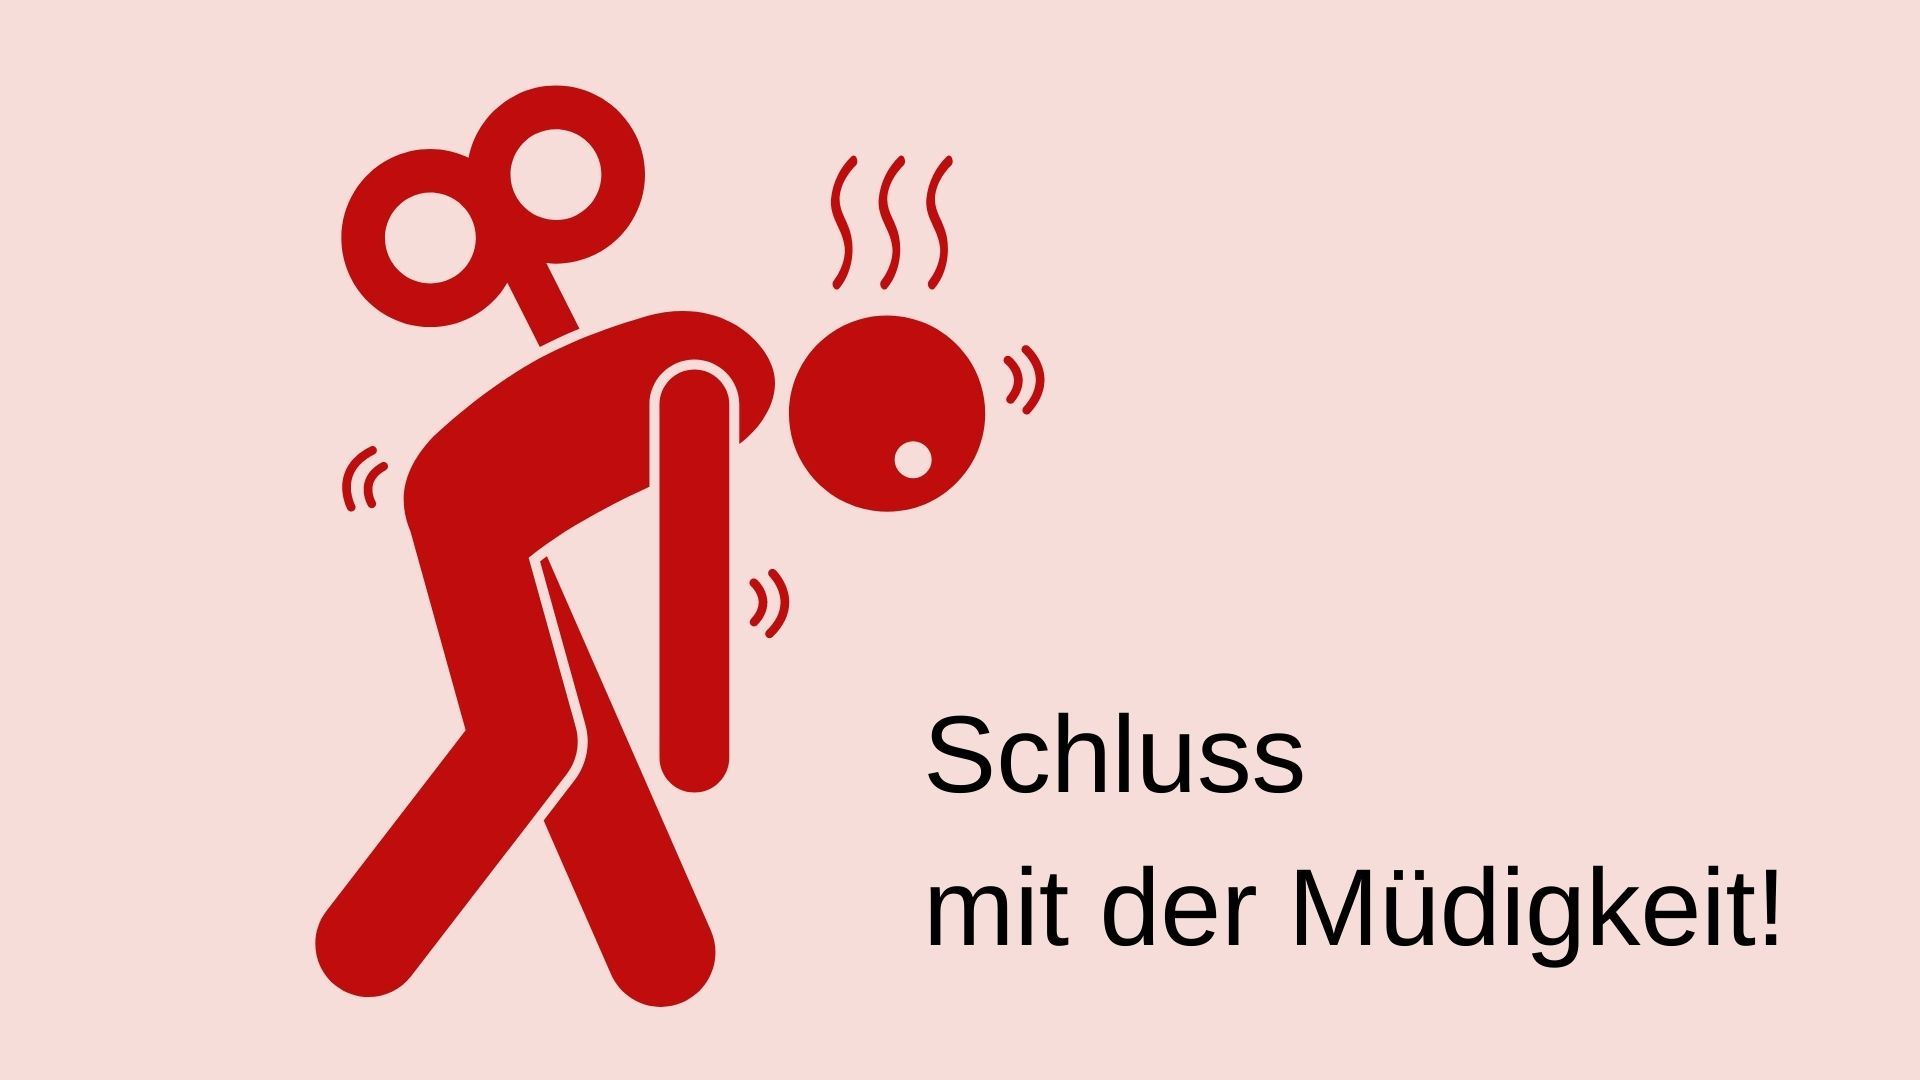 rosa HIntergrund, müdes Strichmännchen, Text: Schluss mit der Müdigkeit! Credit: Canva